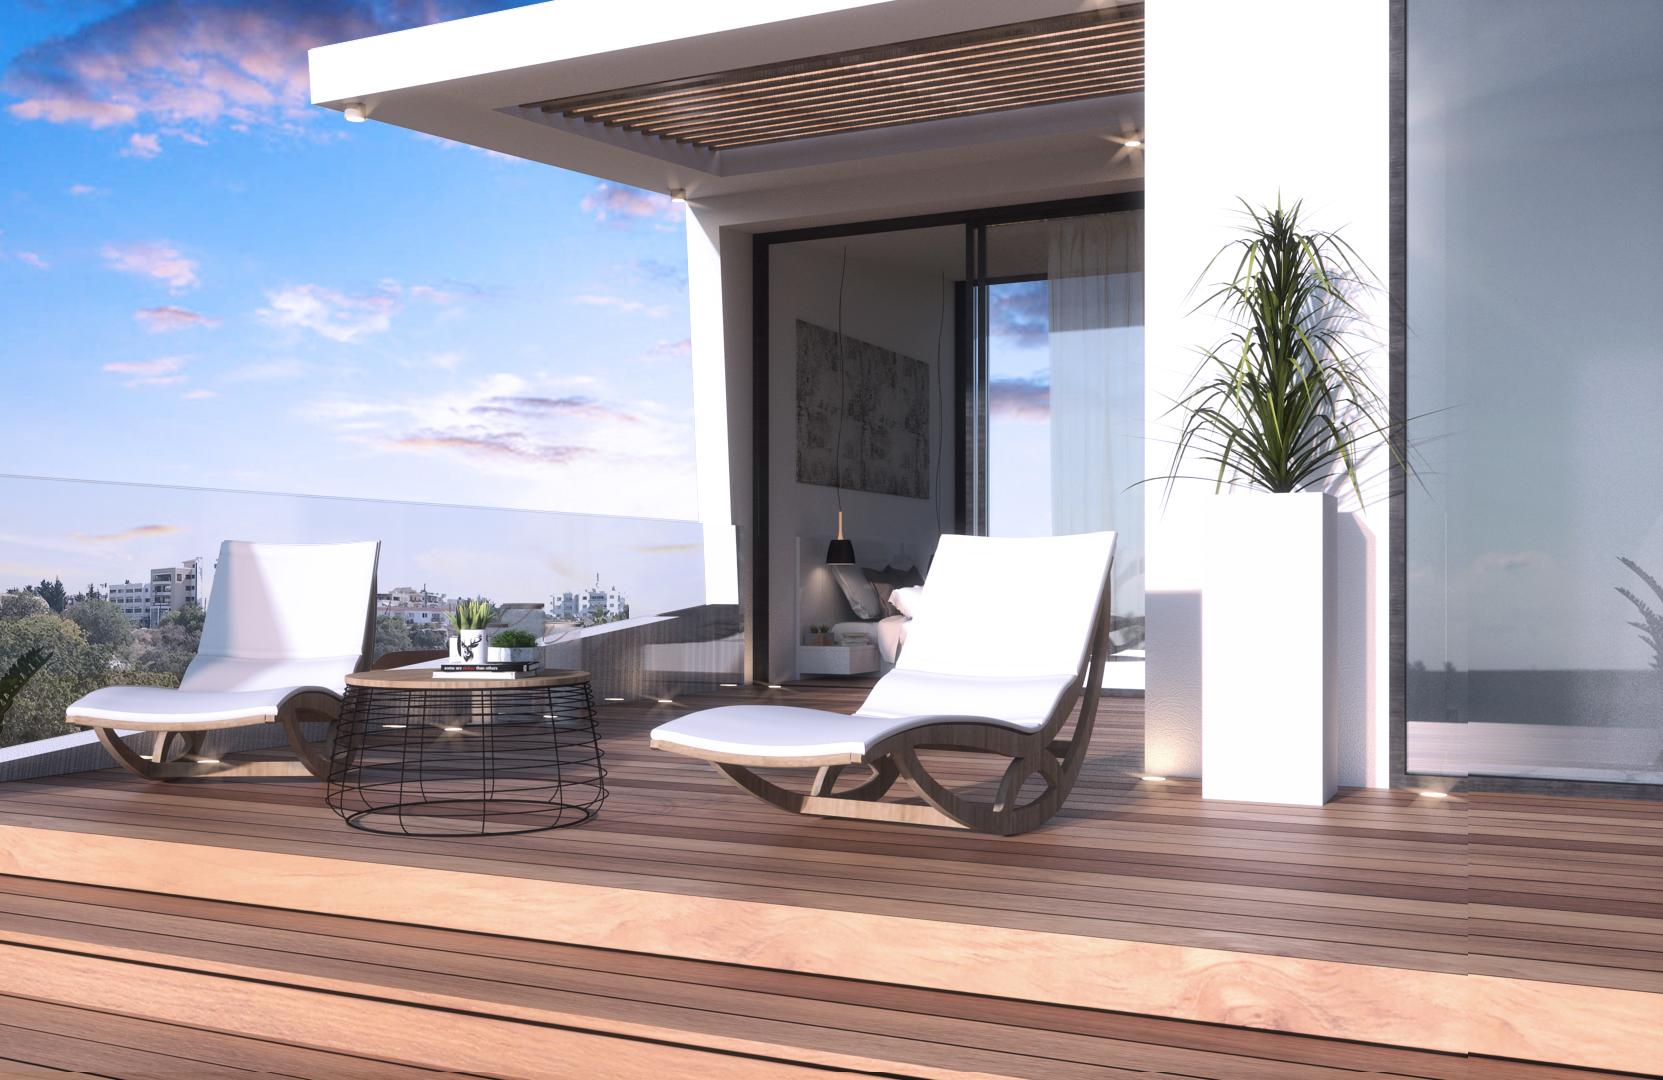 Современный стиль жизни в комплексе Paradise Gardens, Пафос